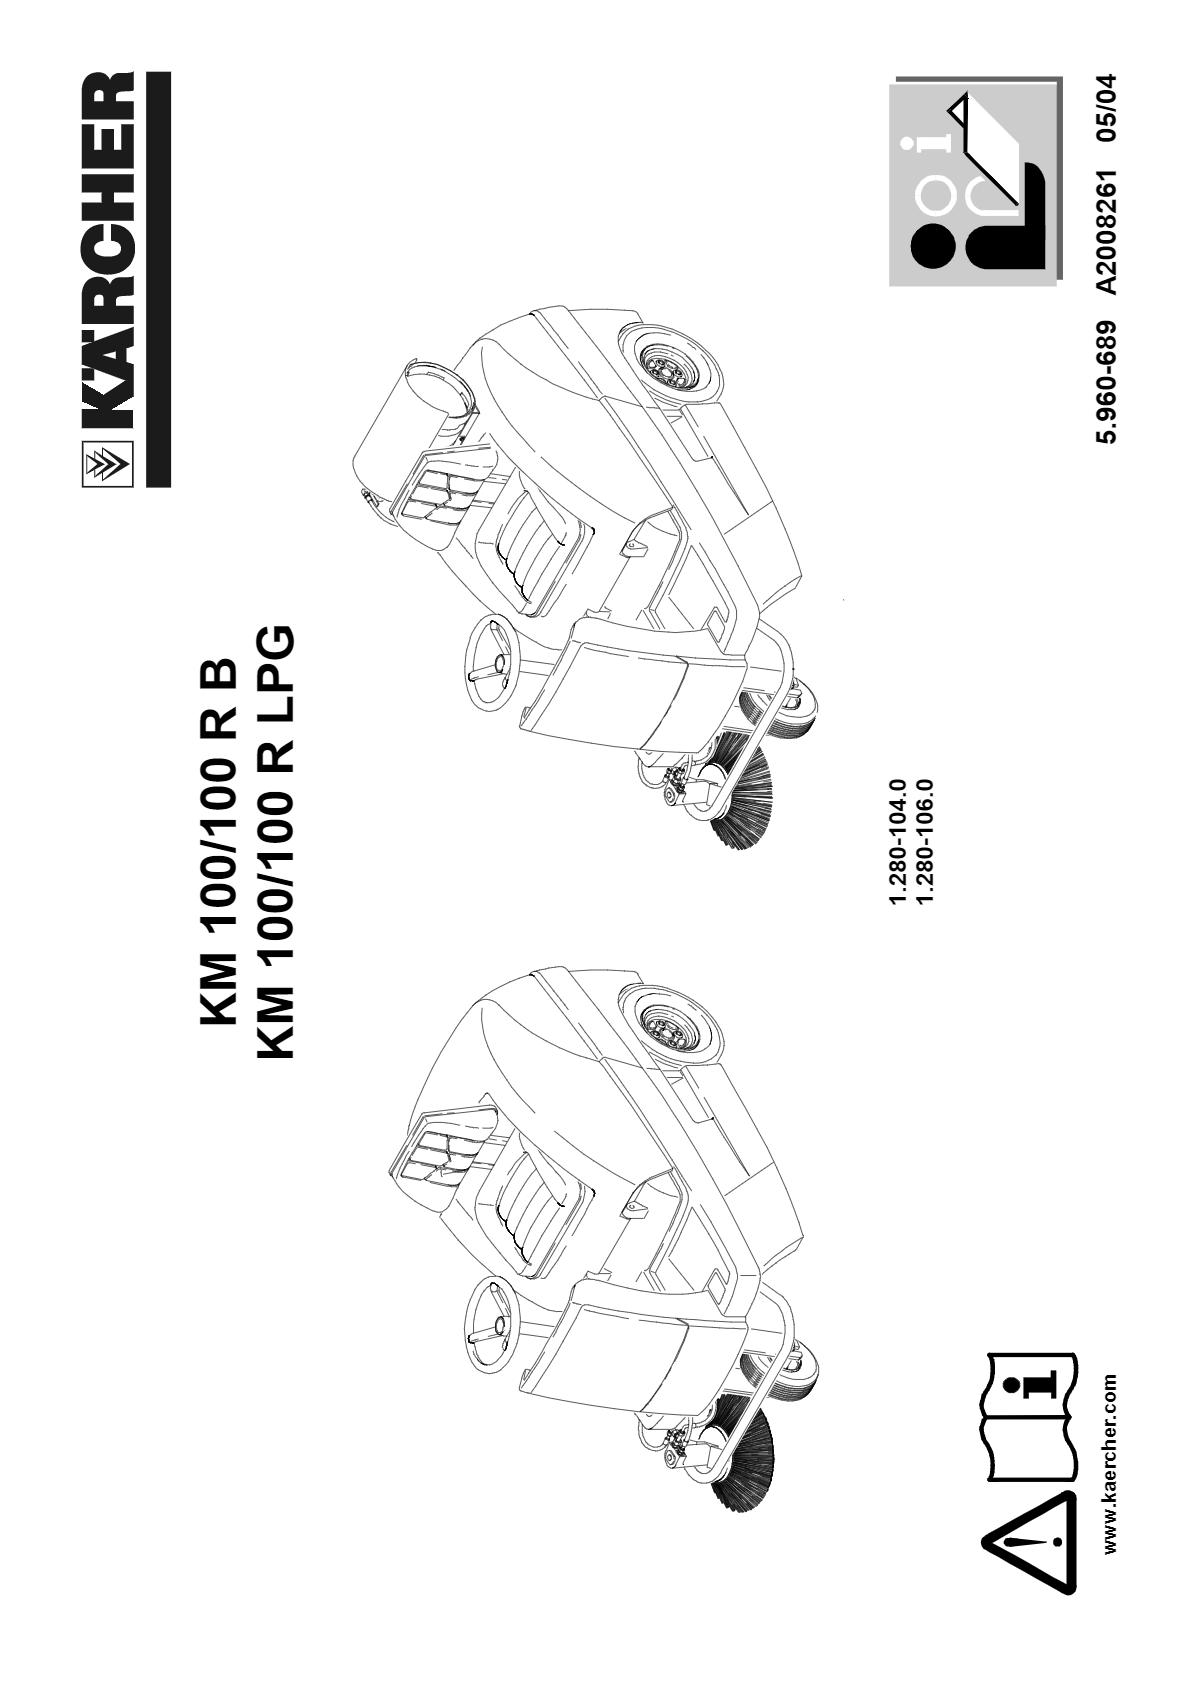 驾驶式扫地机 KM 100/100 R Bp  说明书说明书下载